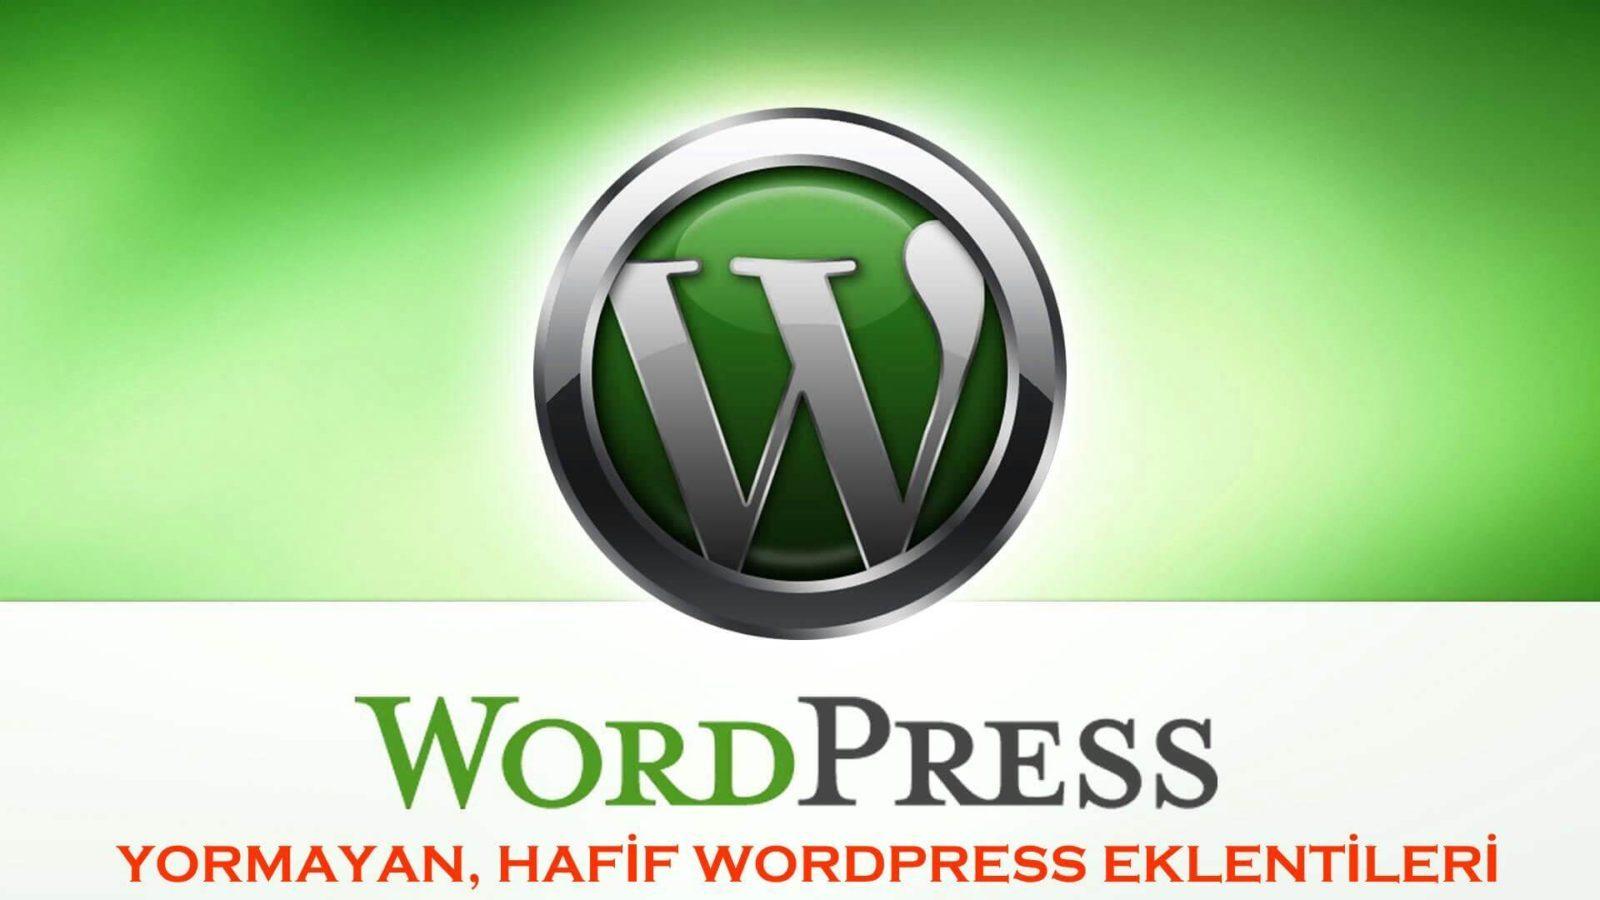 Wordpress'i yormayan en iyi eklentiler! #1 1